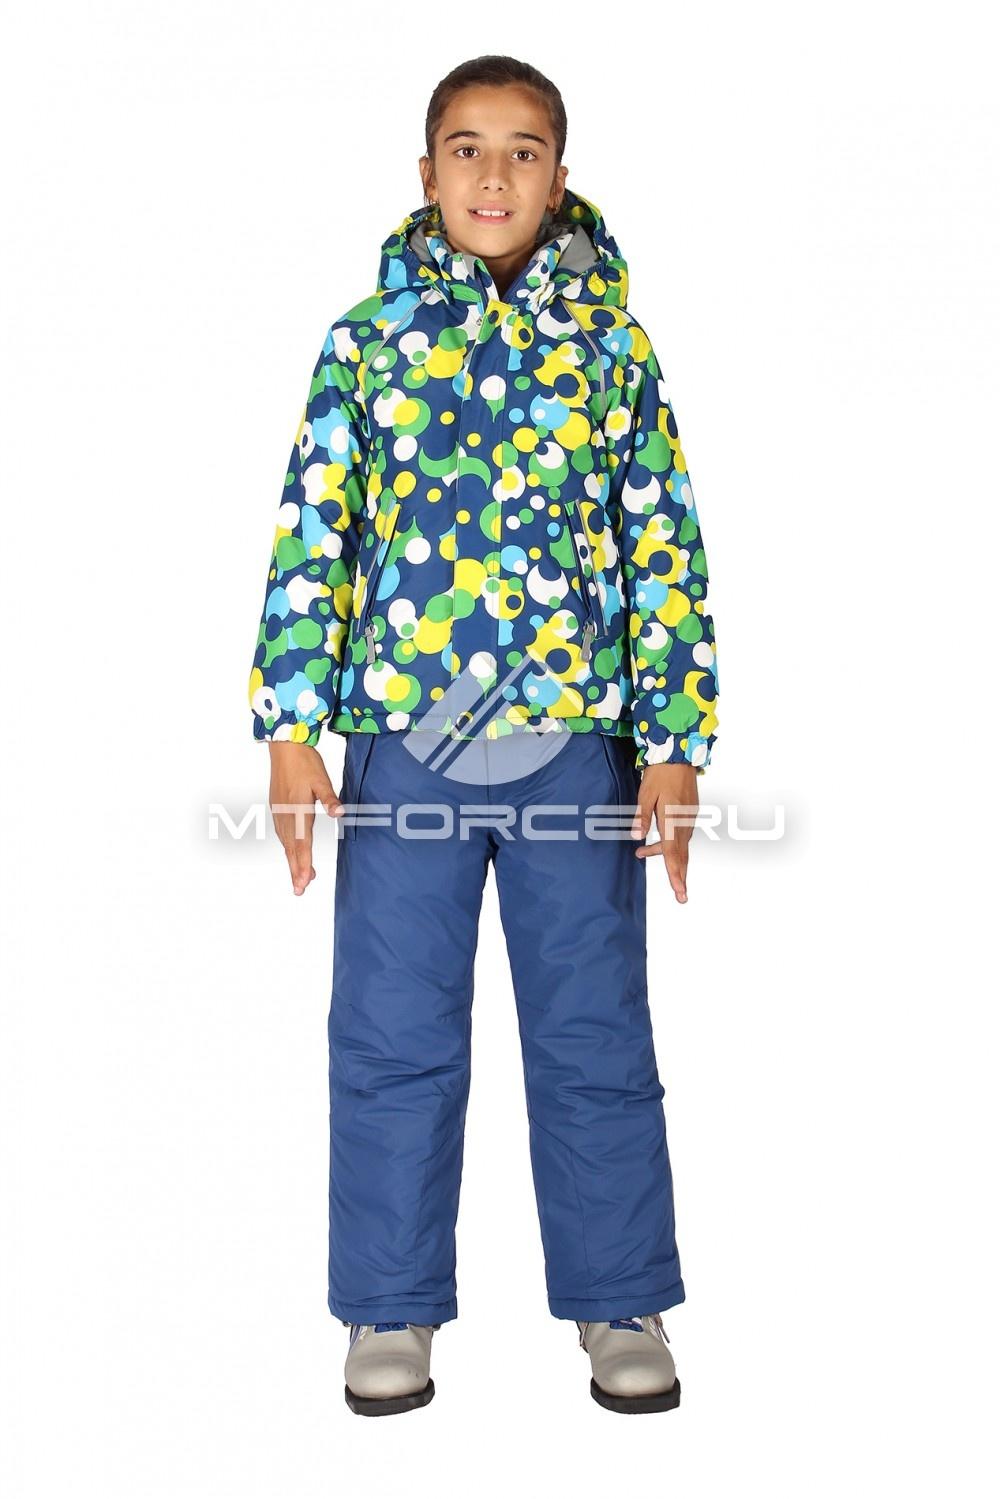 Купить                                  оптом Костюм горнолыжный  для девочки синего цвета 6109S